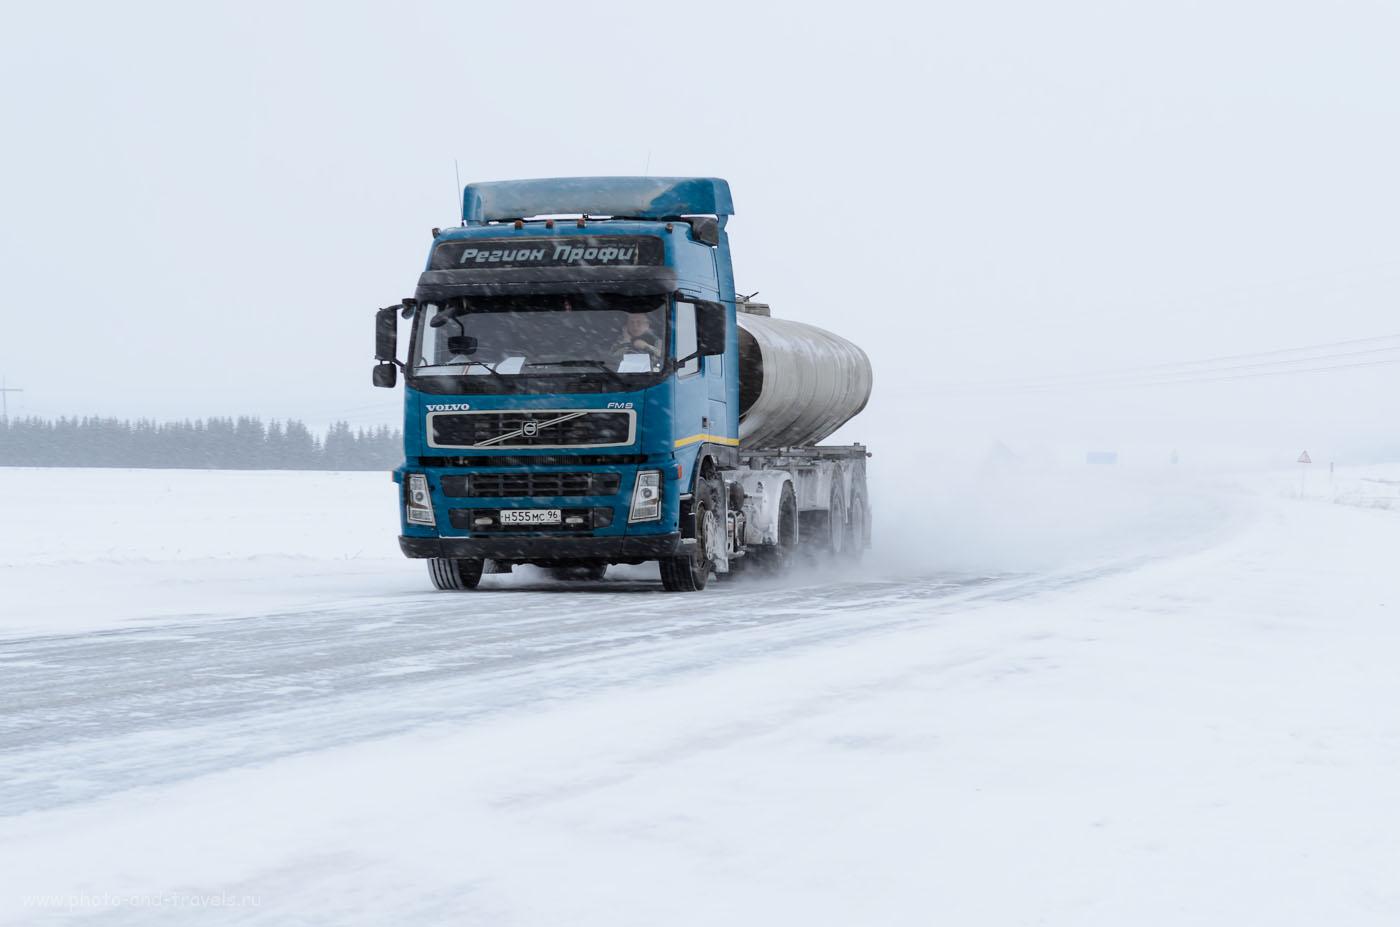 Фотография 2. Как правильно фотографировать в ненастную погоду. Грузовик в зимнем поле. (1/160 сек, 0 Ev, A, f/7.1, 55 мм, 250)